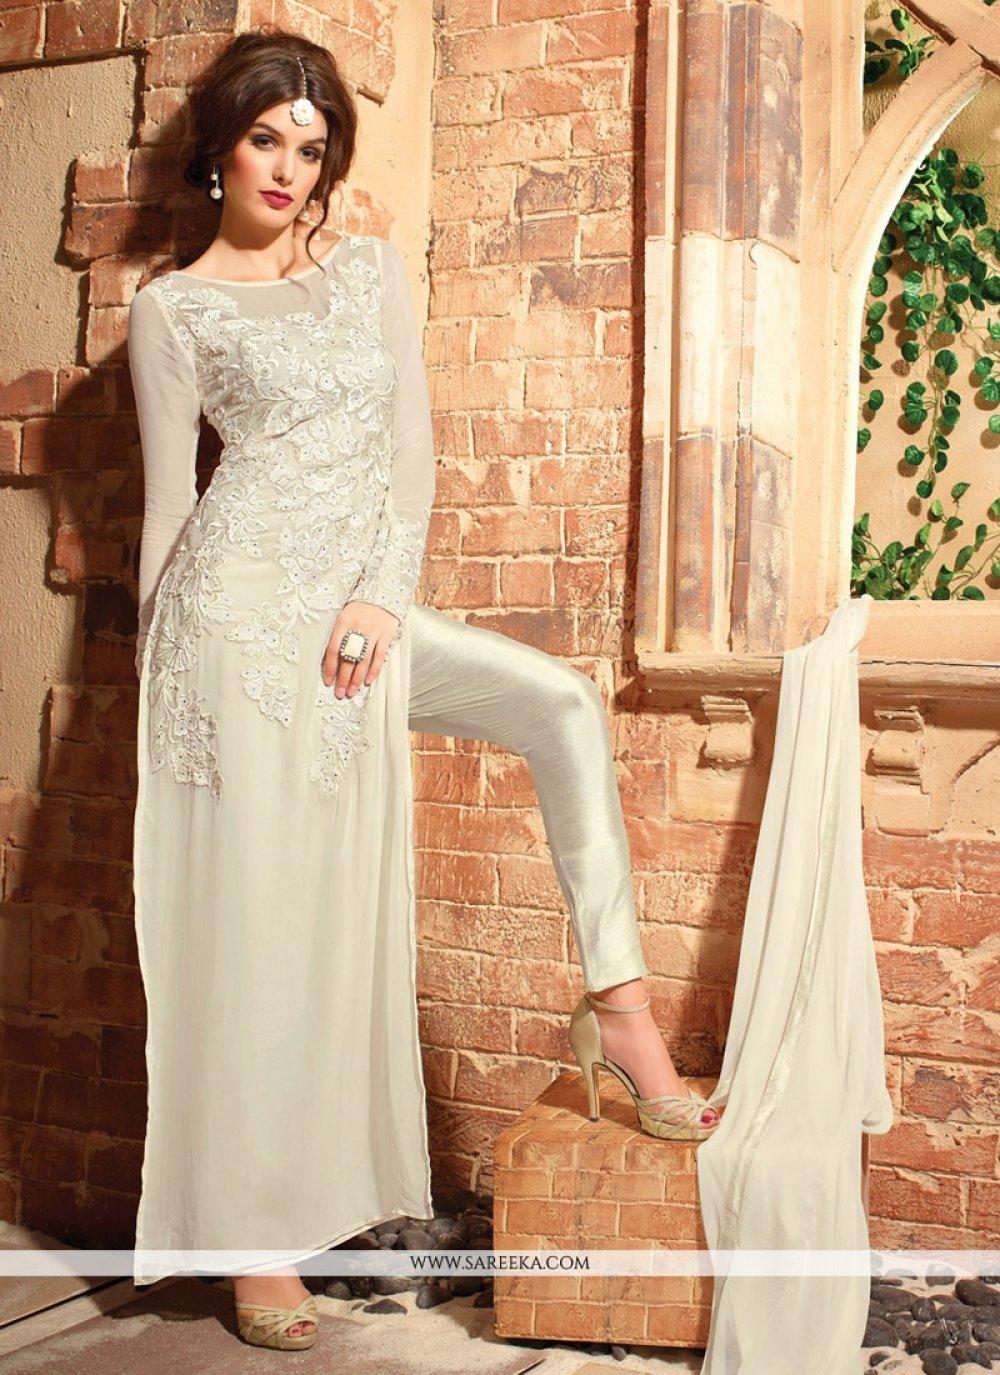 Resham Work Georgette Off White Designer Suit